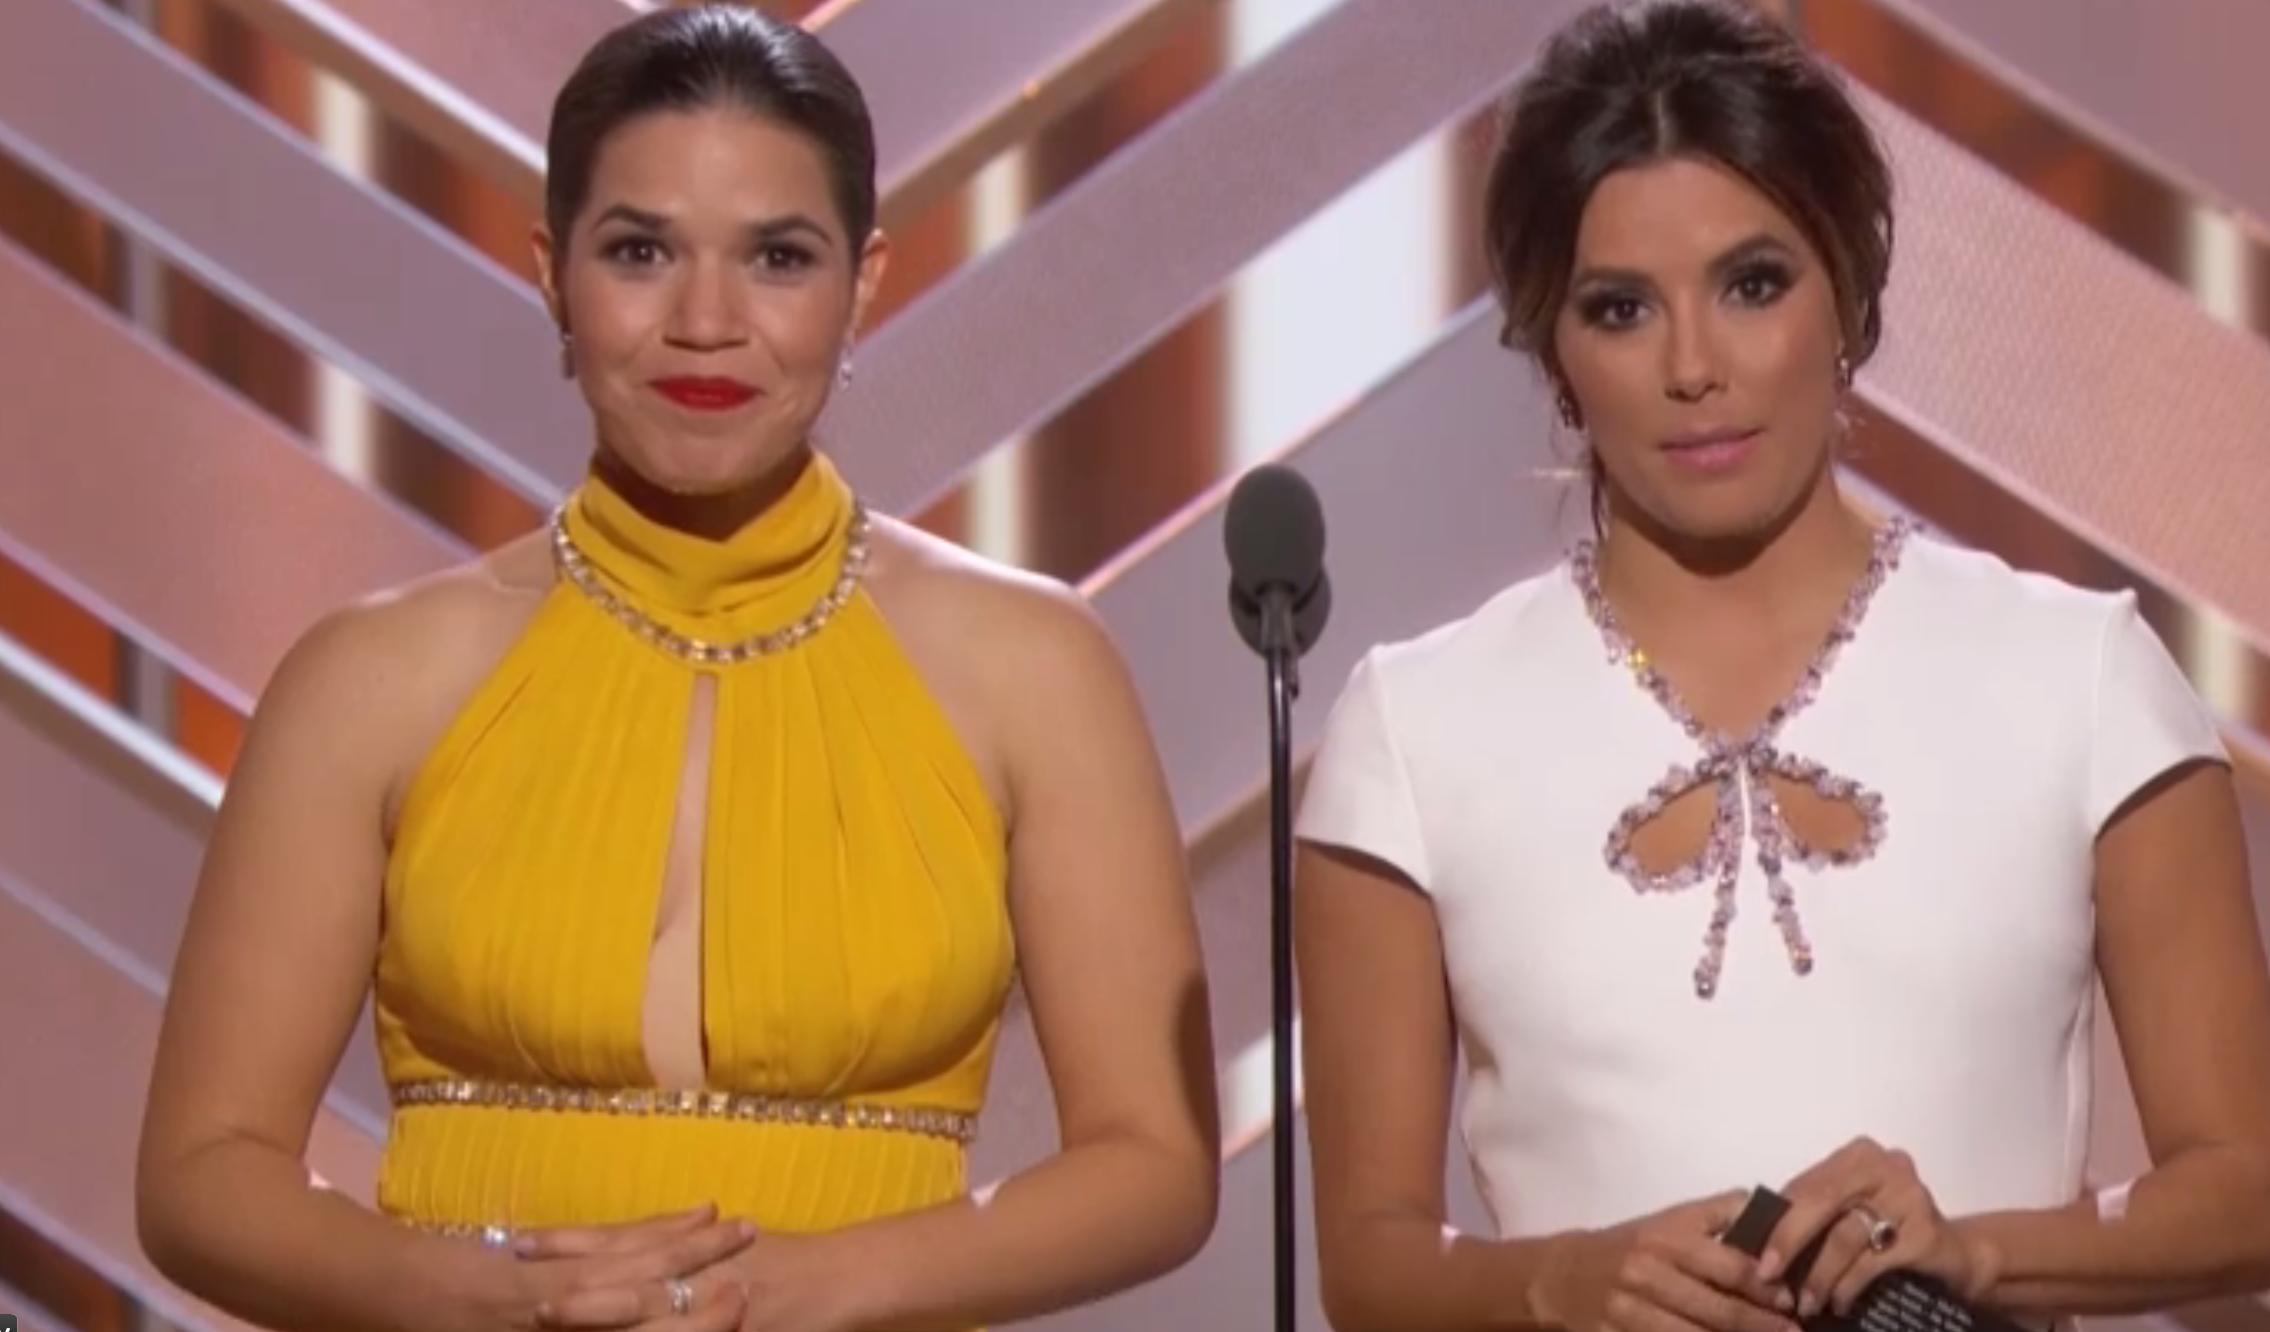 America Ferrera and Eva Longoria Poke Fun at the Golden Globes